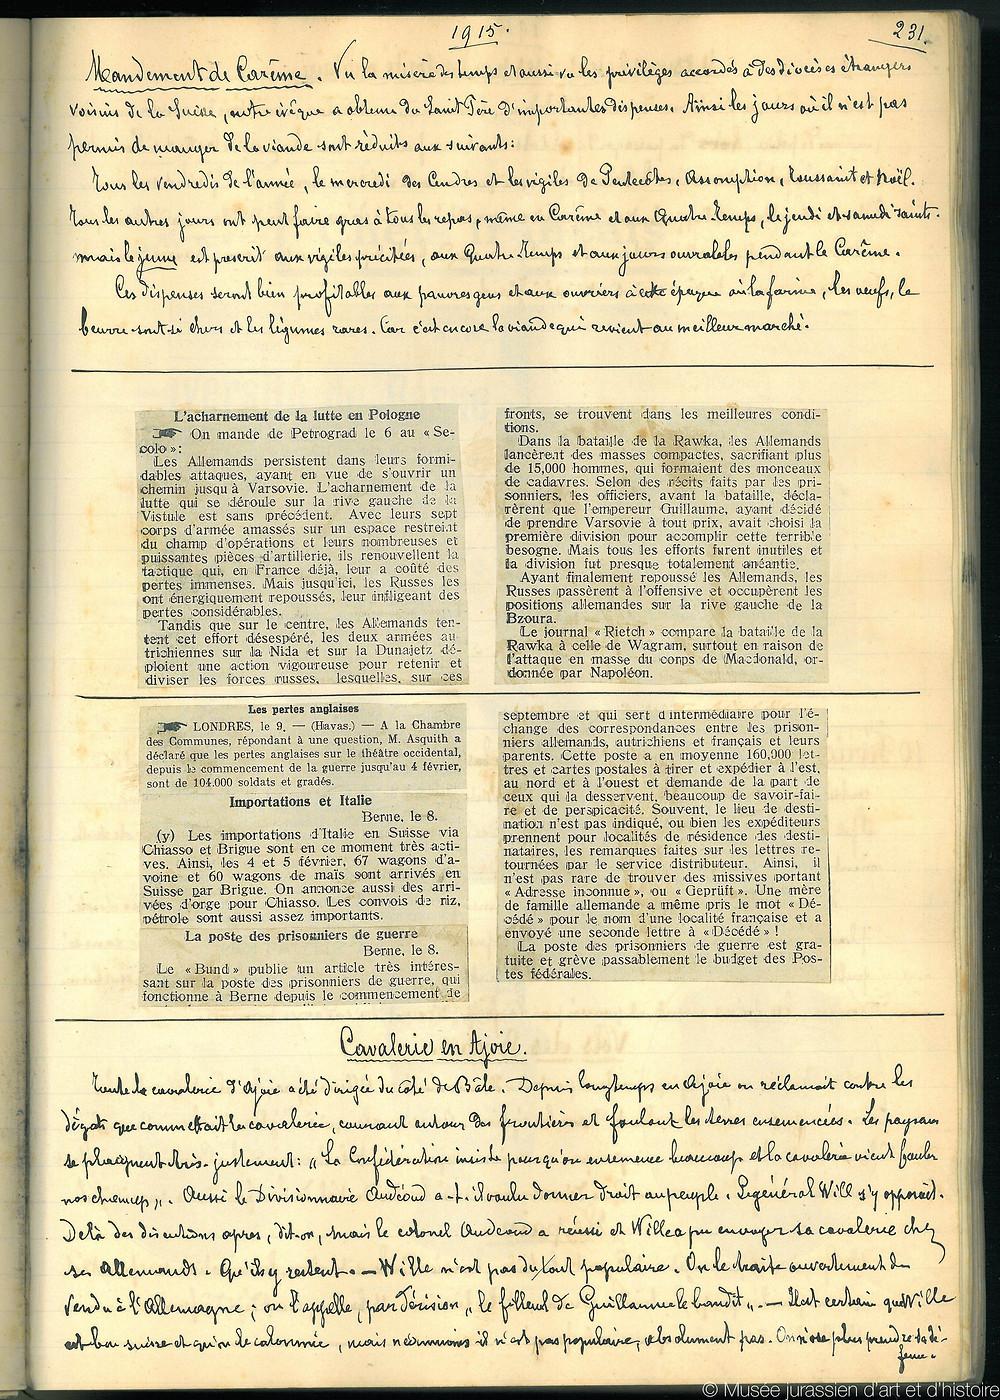 1915_fevrier8_231_Copyright.jpg